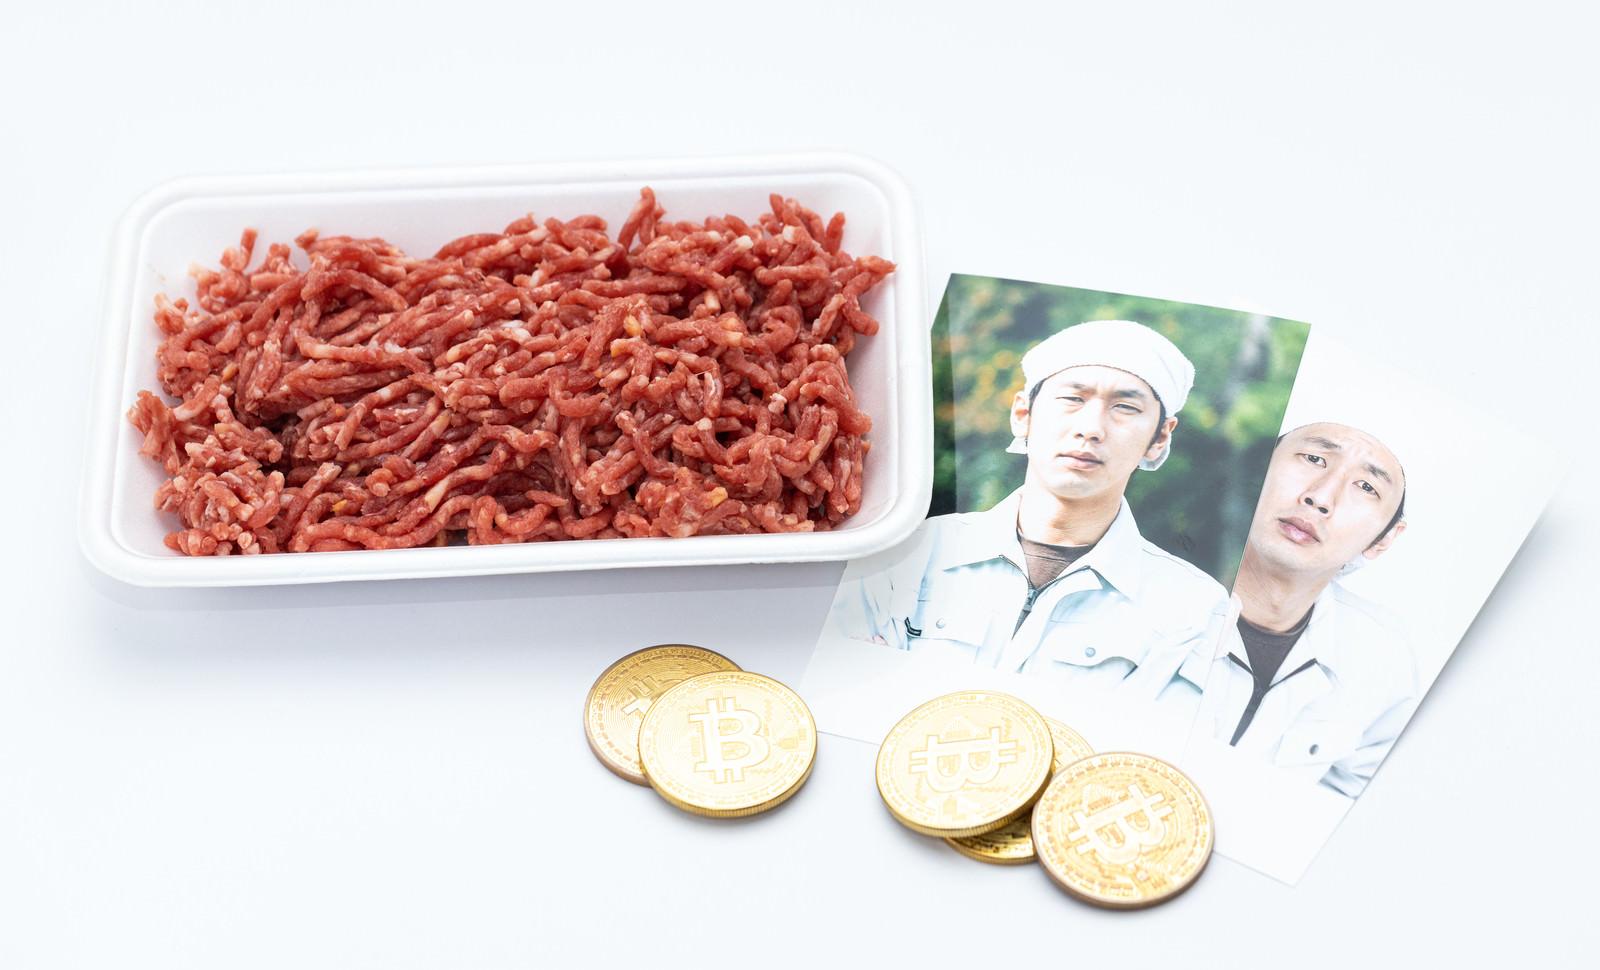 「仮想通貨で生産者の肉(ミンチ)を購入」の写真[モデル:大川竜弥]